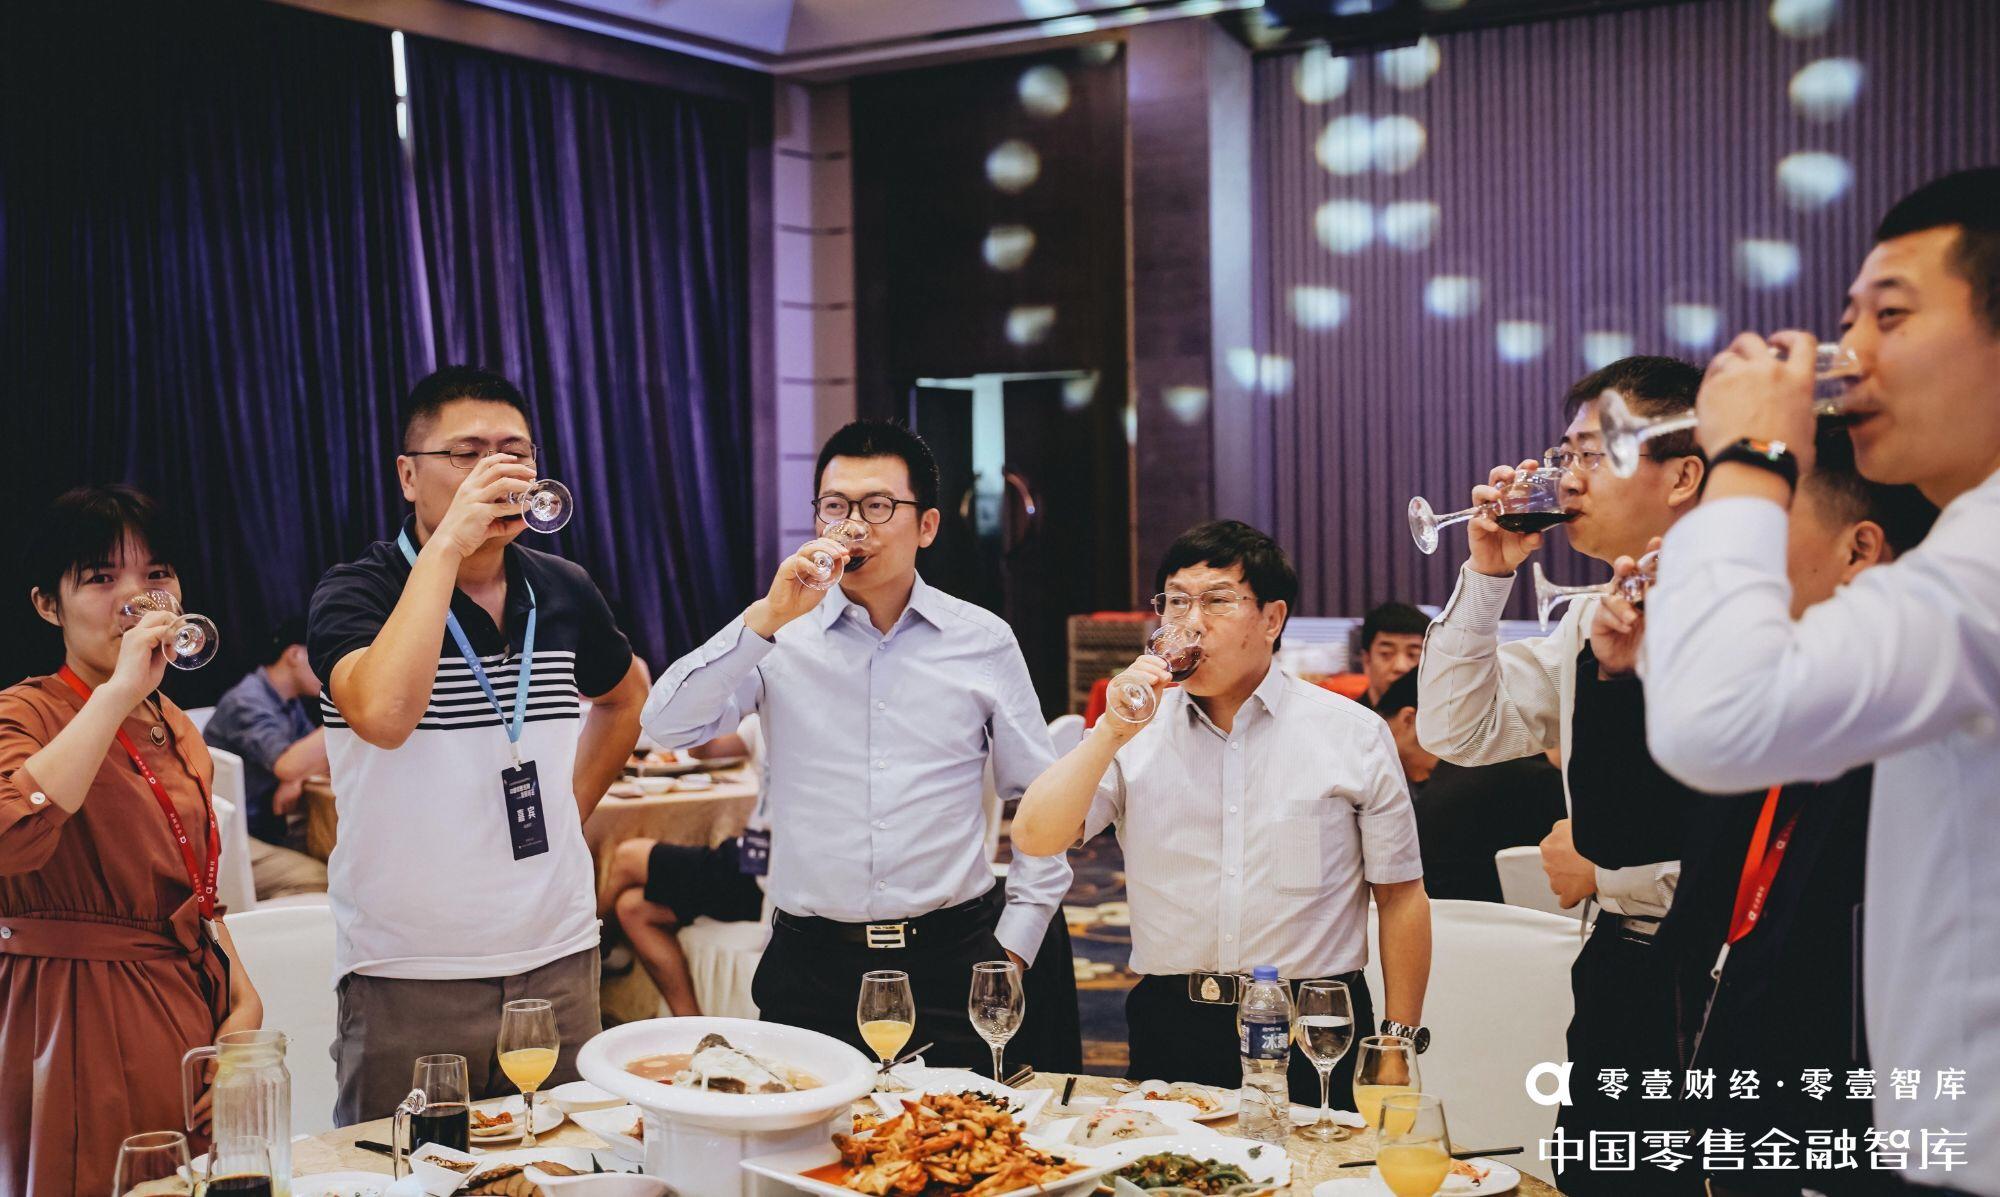 零壹财经2019中国零售金融发展峰会晚宴:金融科技、村镇银行转型之路